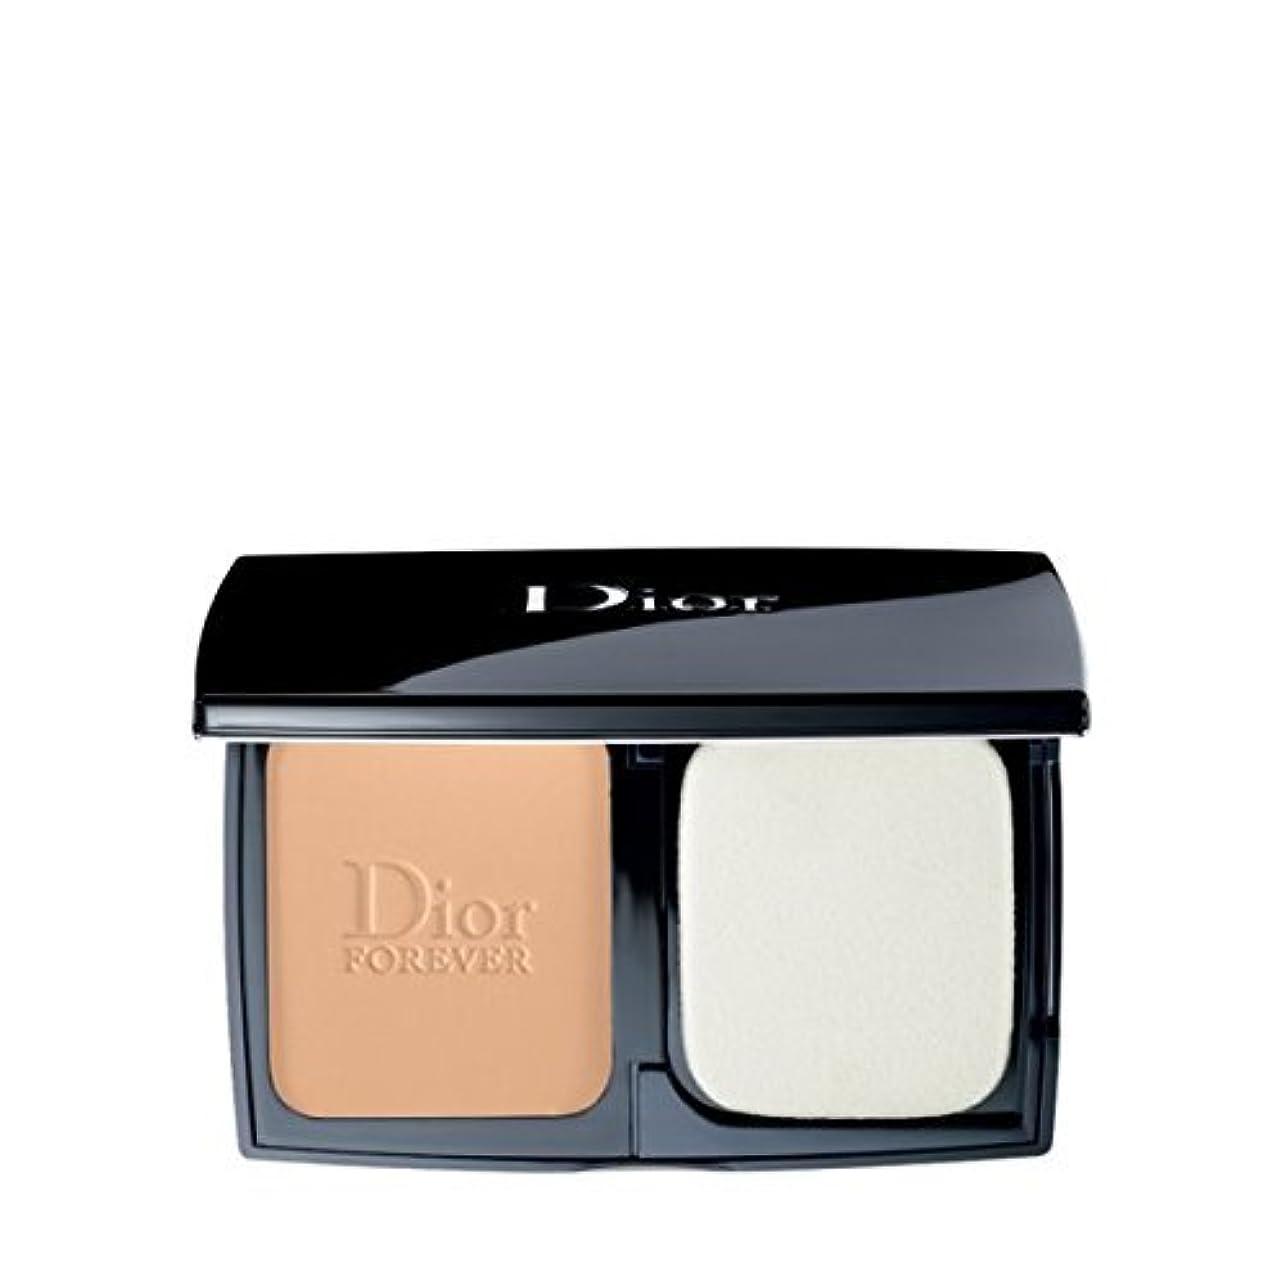 発音請負業者旋回Dior(ディオール) ディオールスキン フォーエヴァー コンパクト エクストレム コントロール (#020:ライト ベージュ)